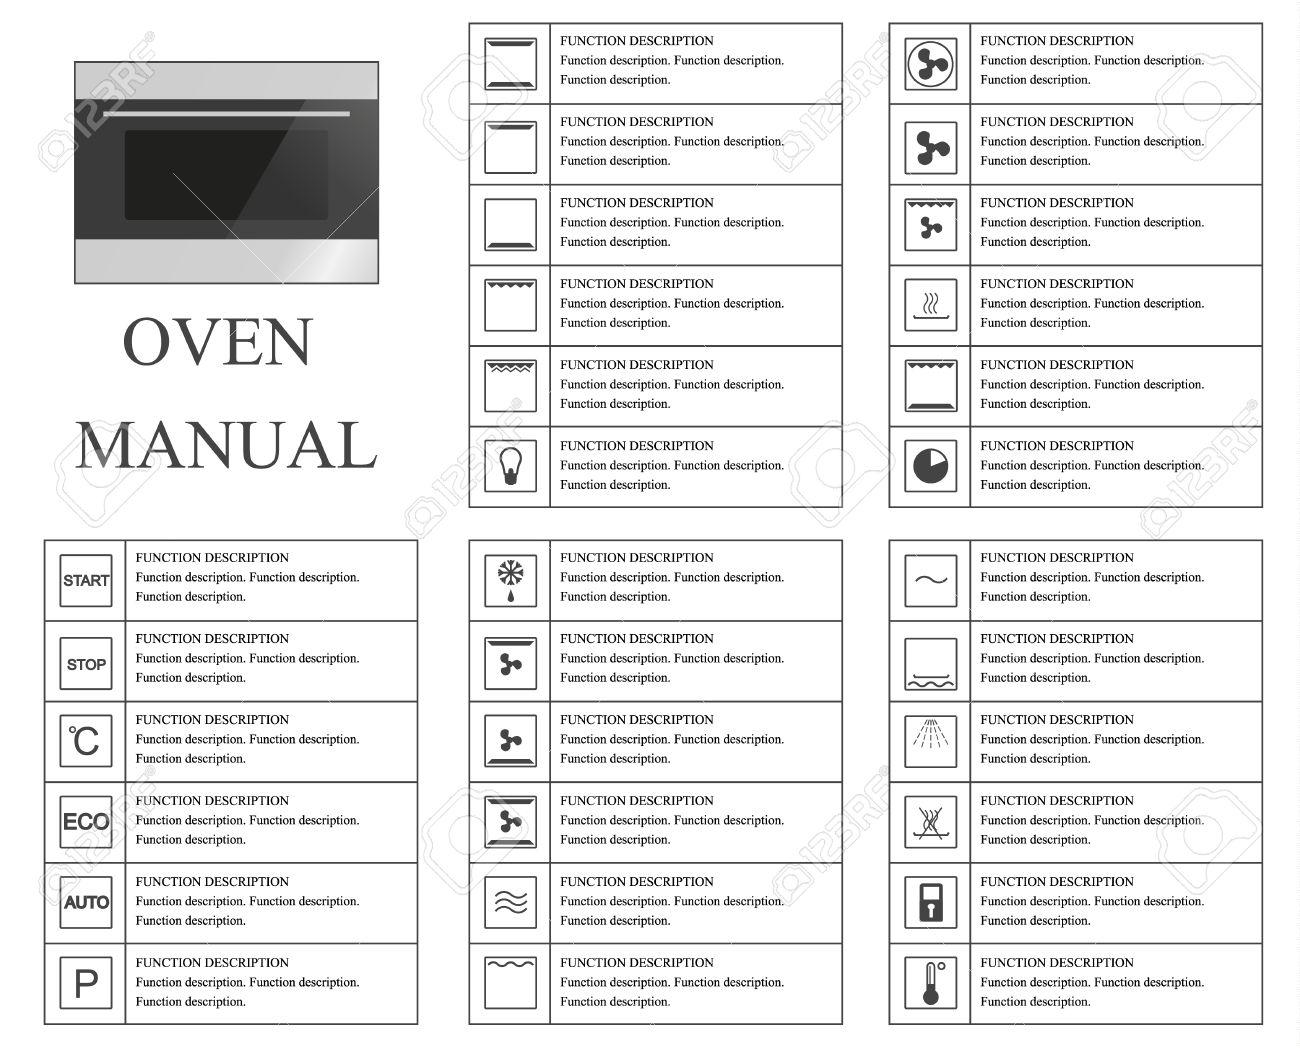 Backofen Symbole Elektrogerate Kuchengerate